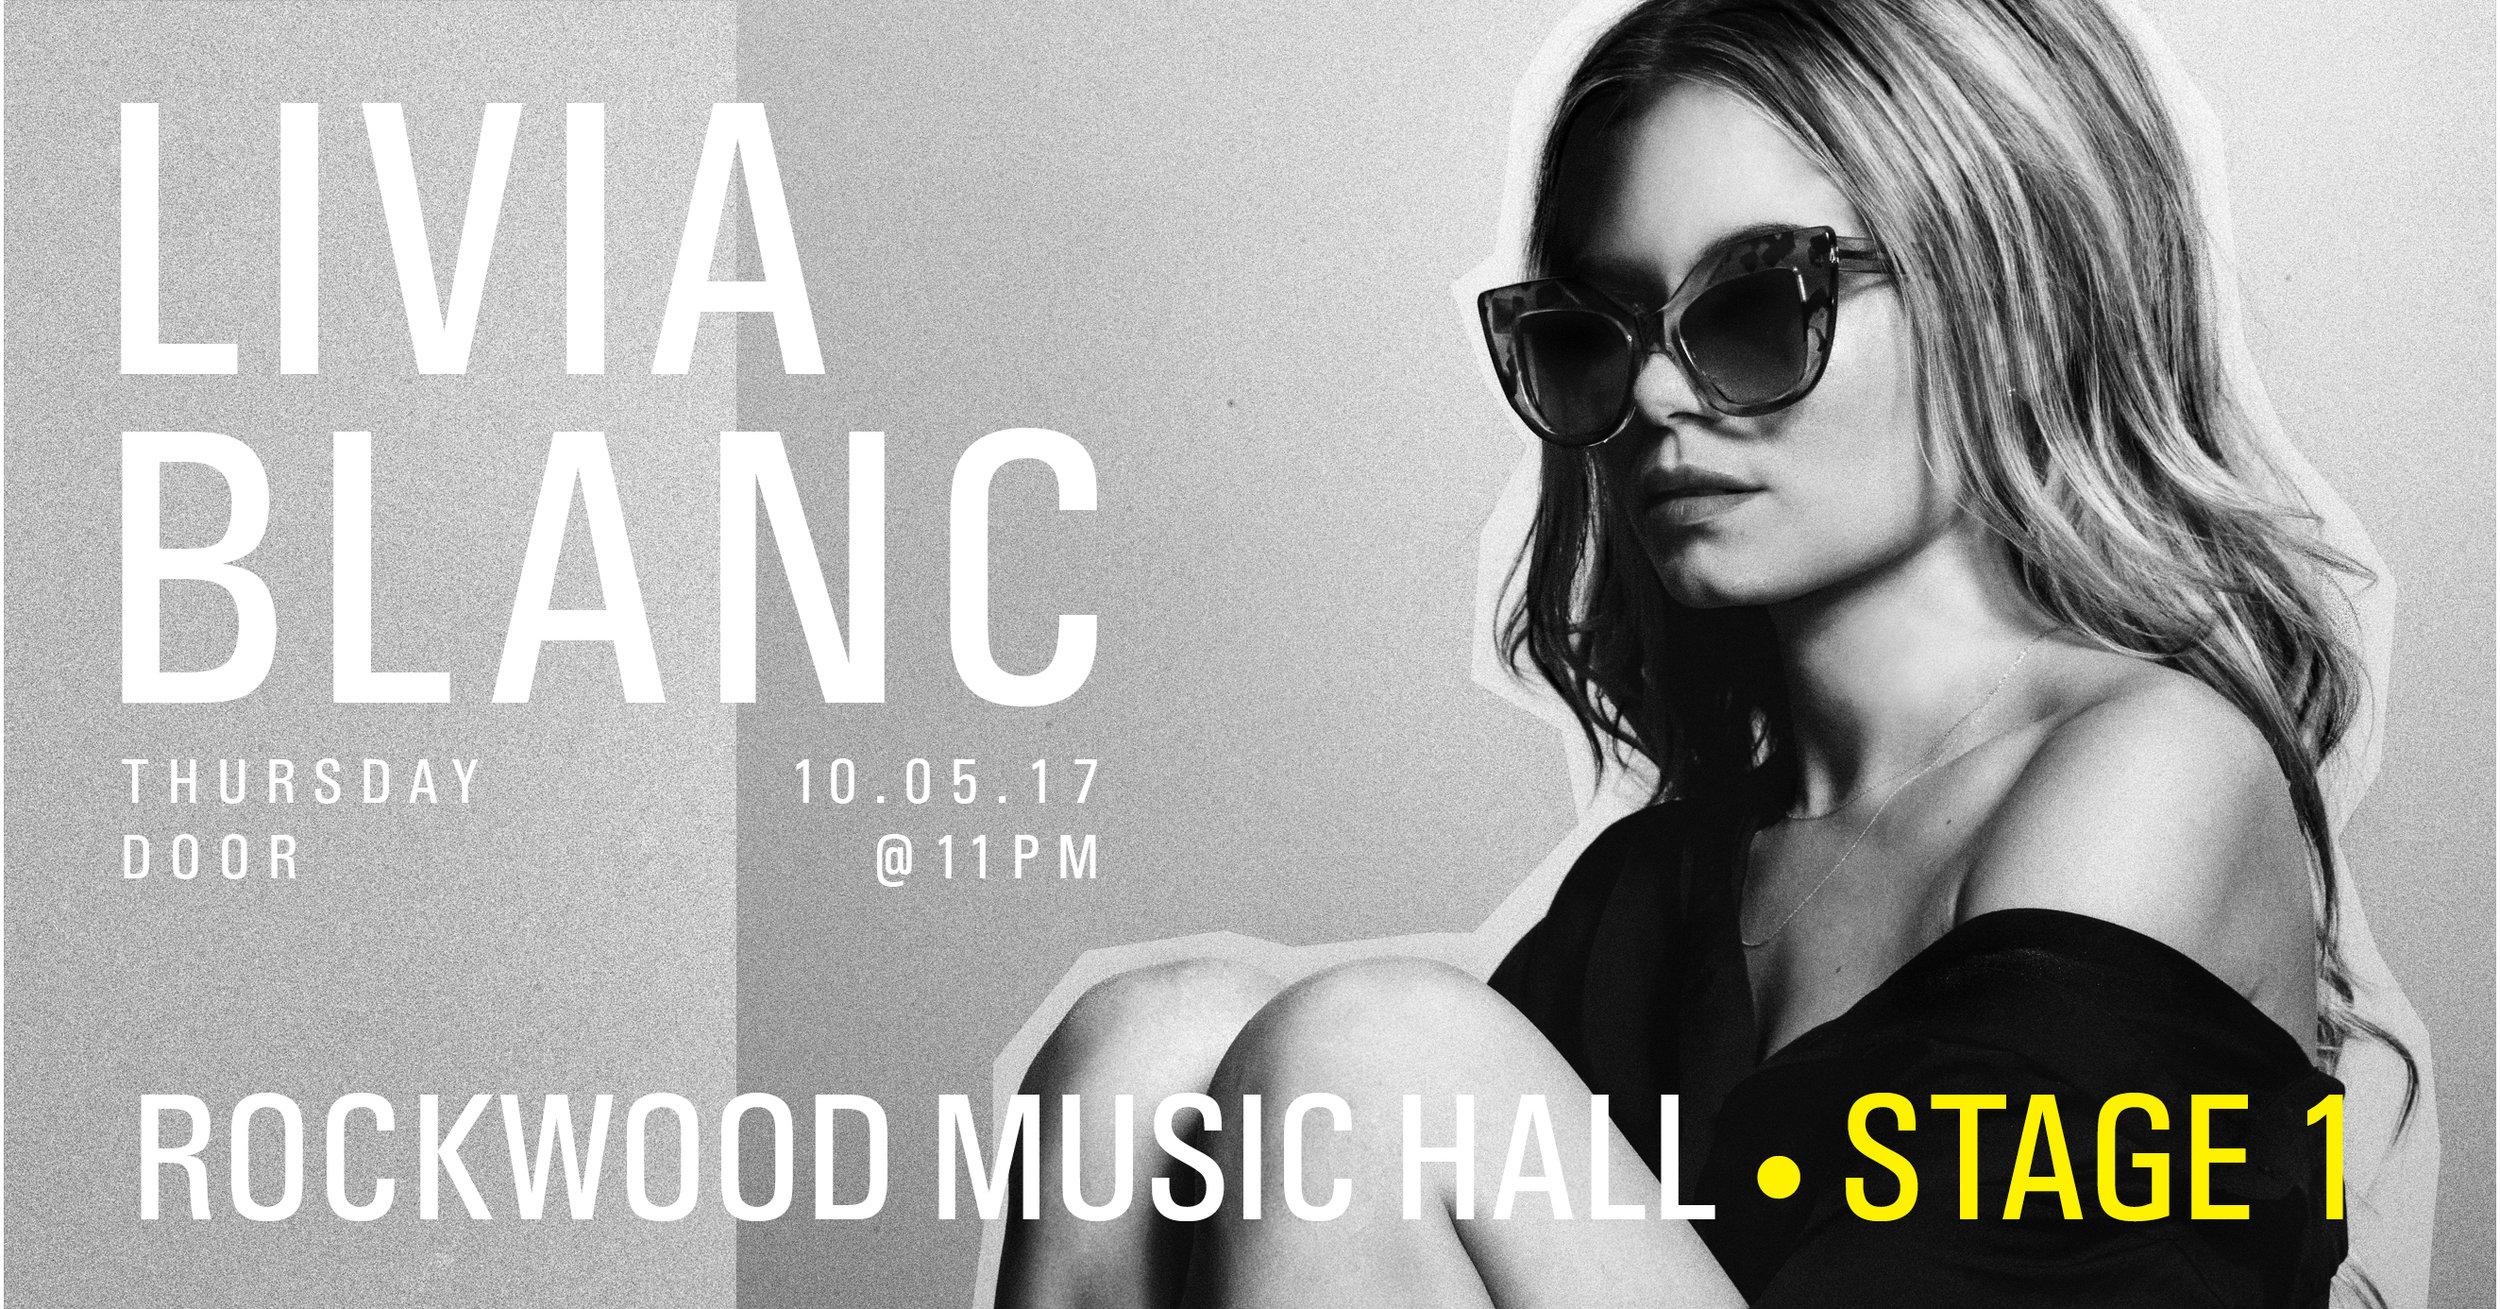 LB-Invite Rockwood Music Hall -oct05th.jpg